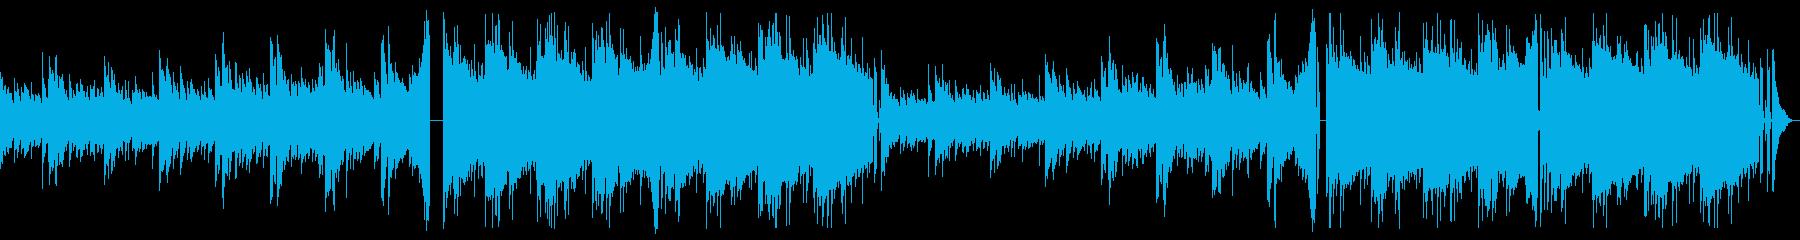 ホラー感のあるトラップの再生済みの波形